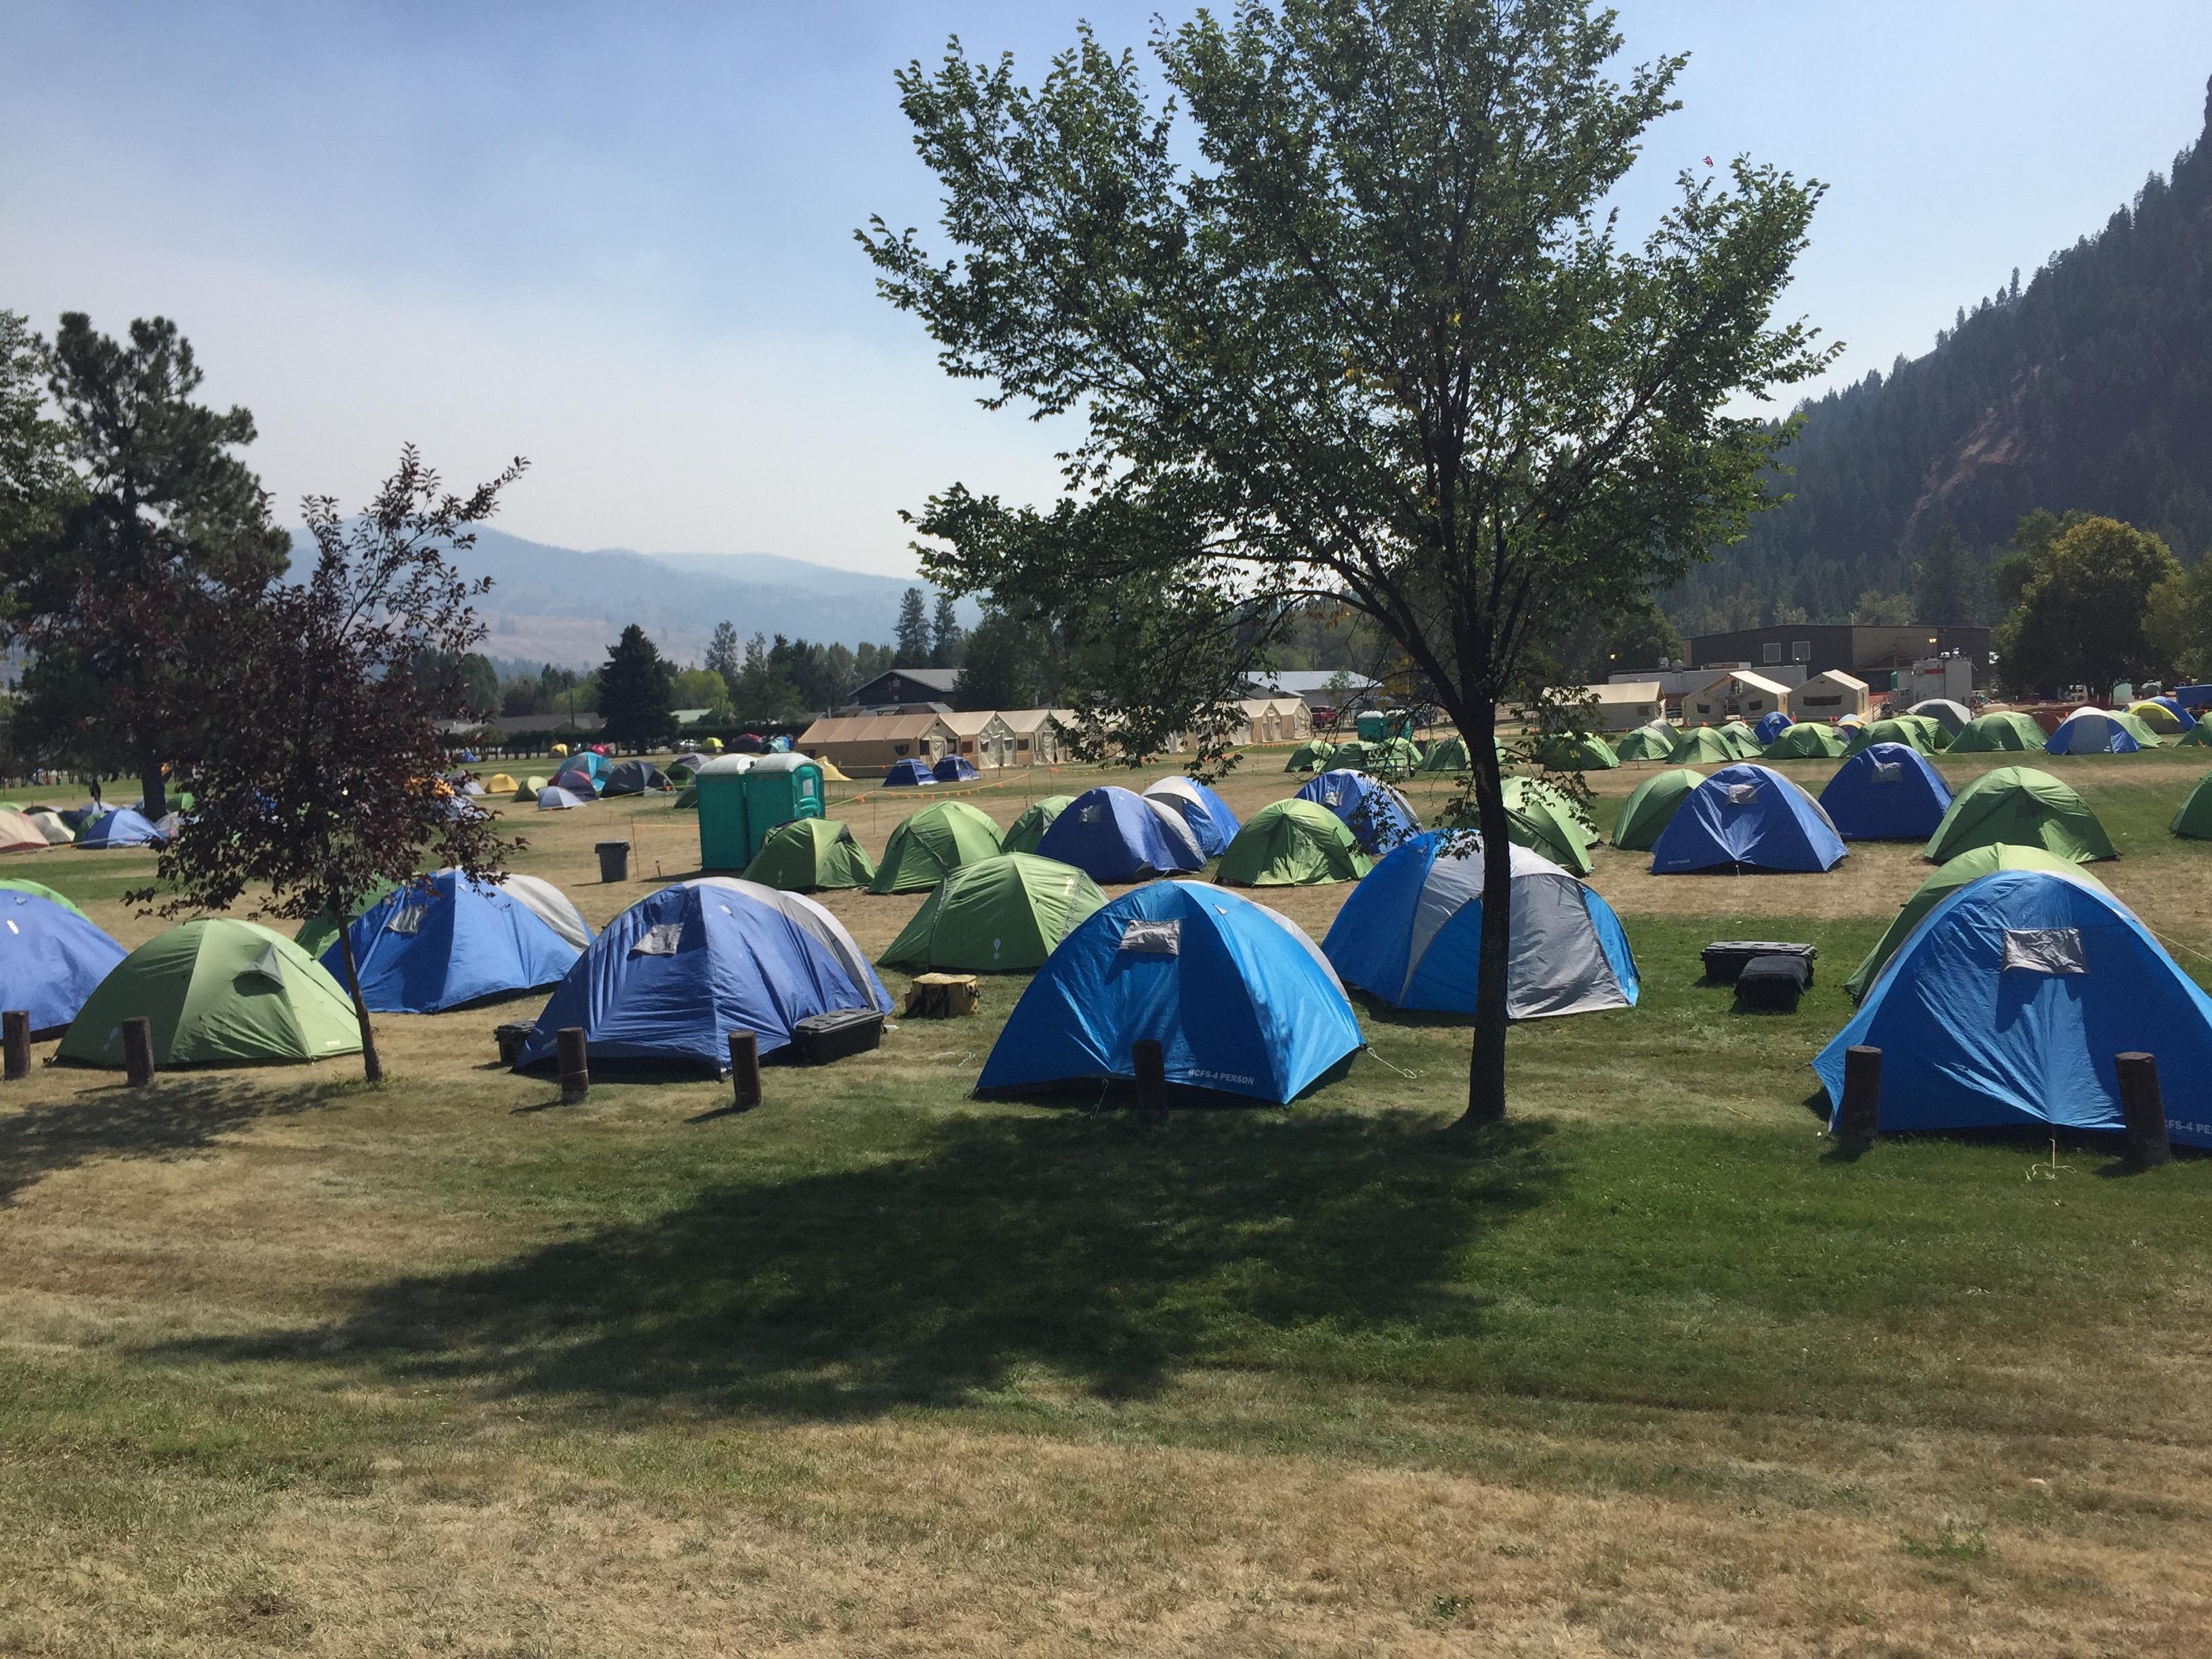 Firestorm camp tents